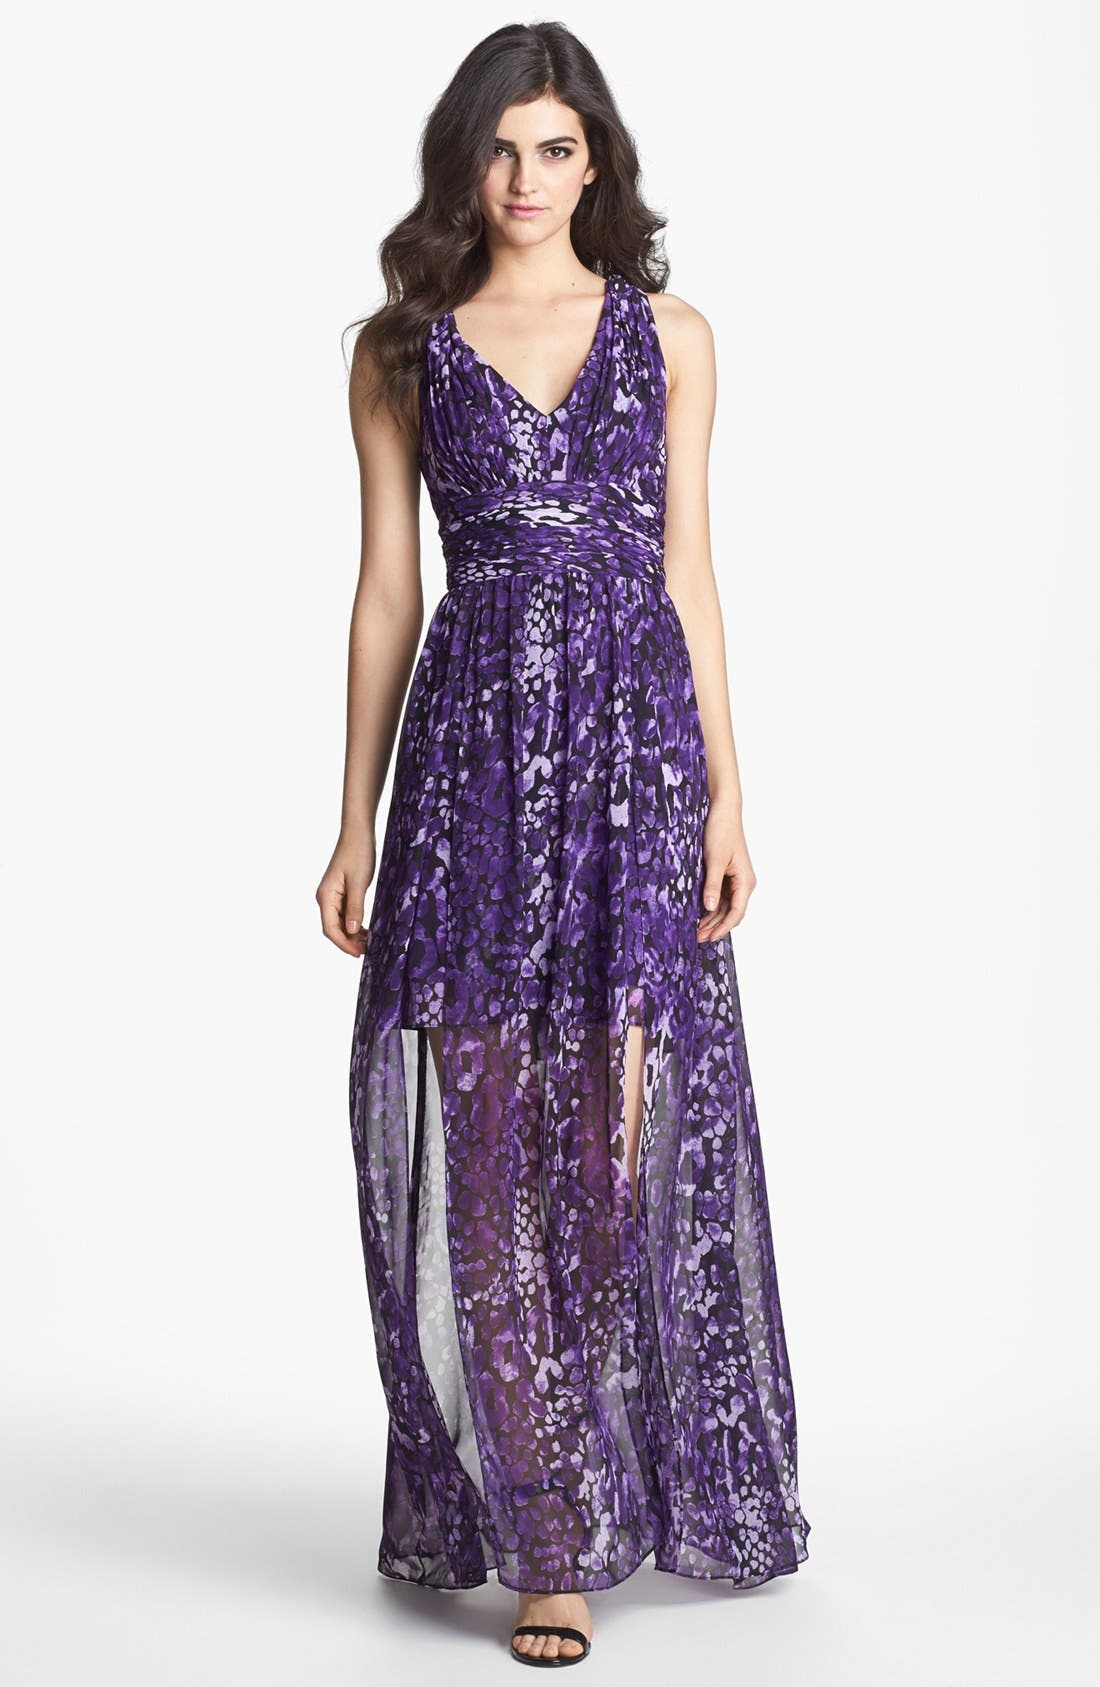 Main Image - Hailey by Adrianna Papell Cross Back Print Chiffon Maxi Dress